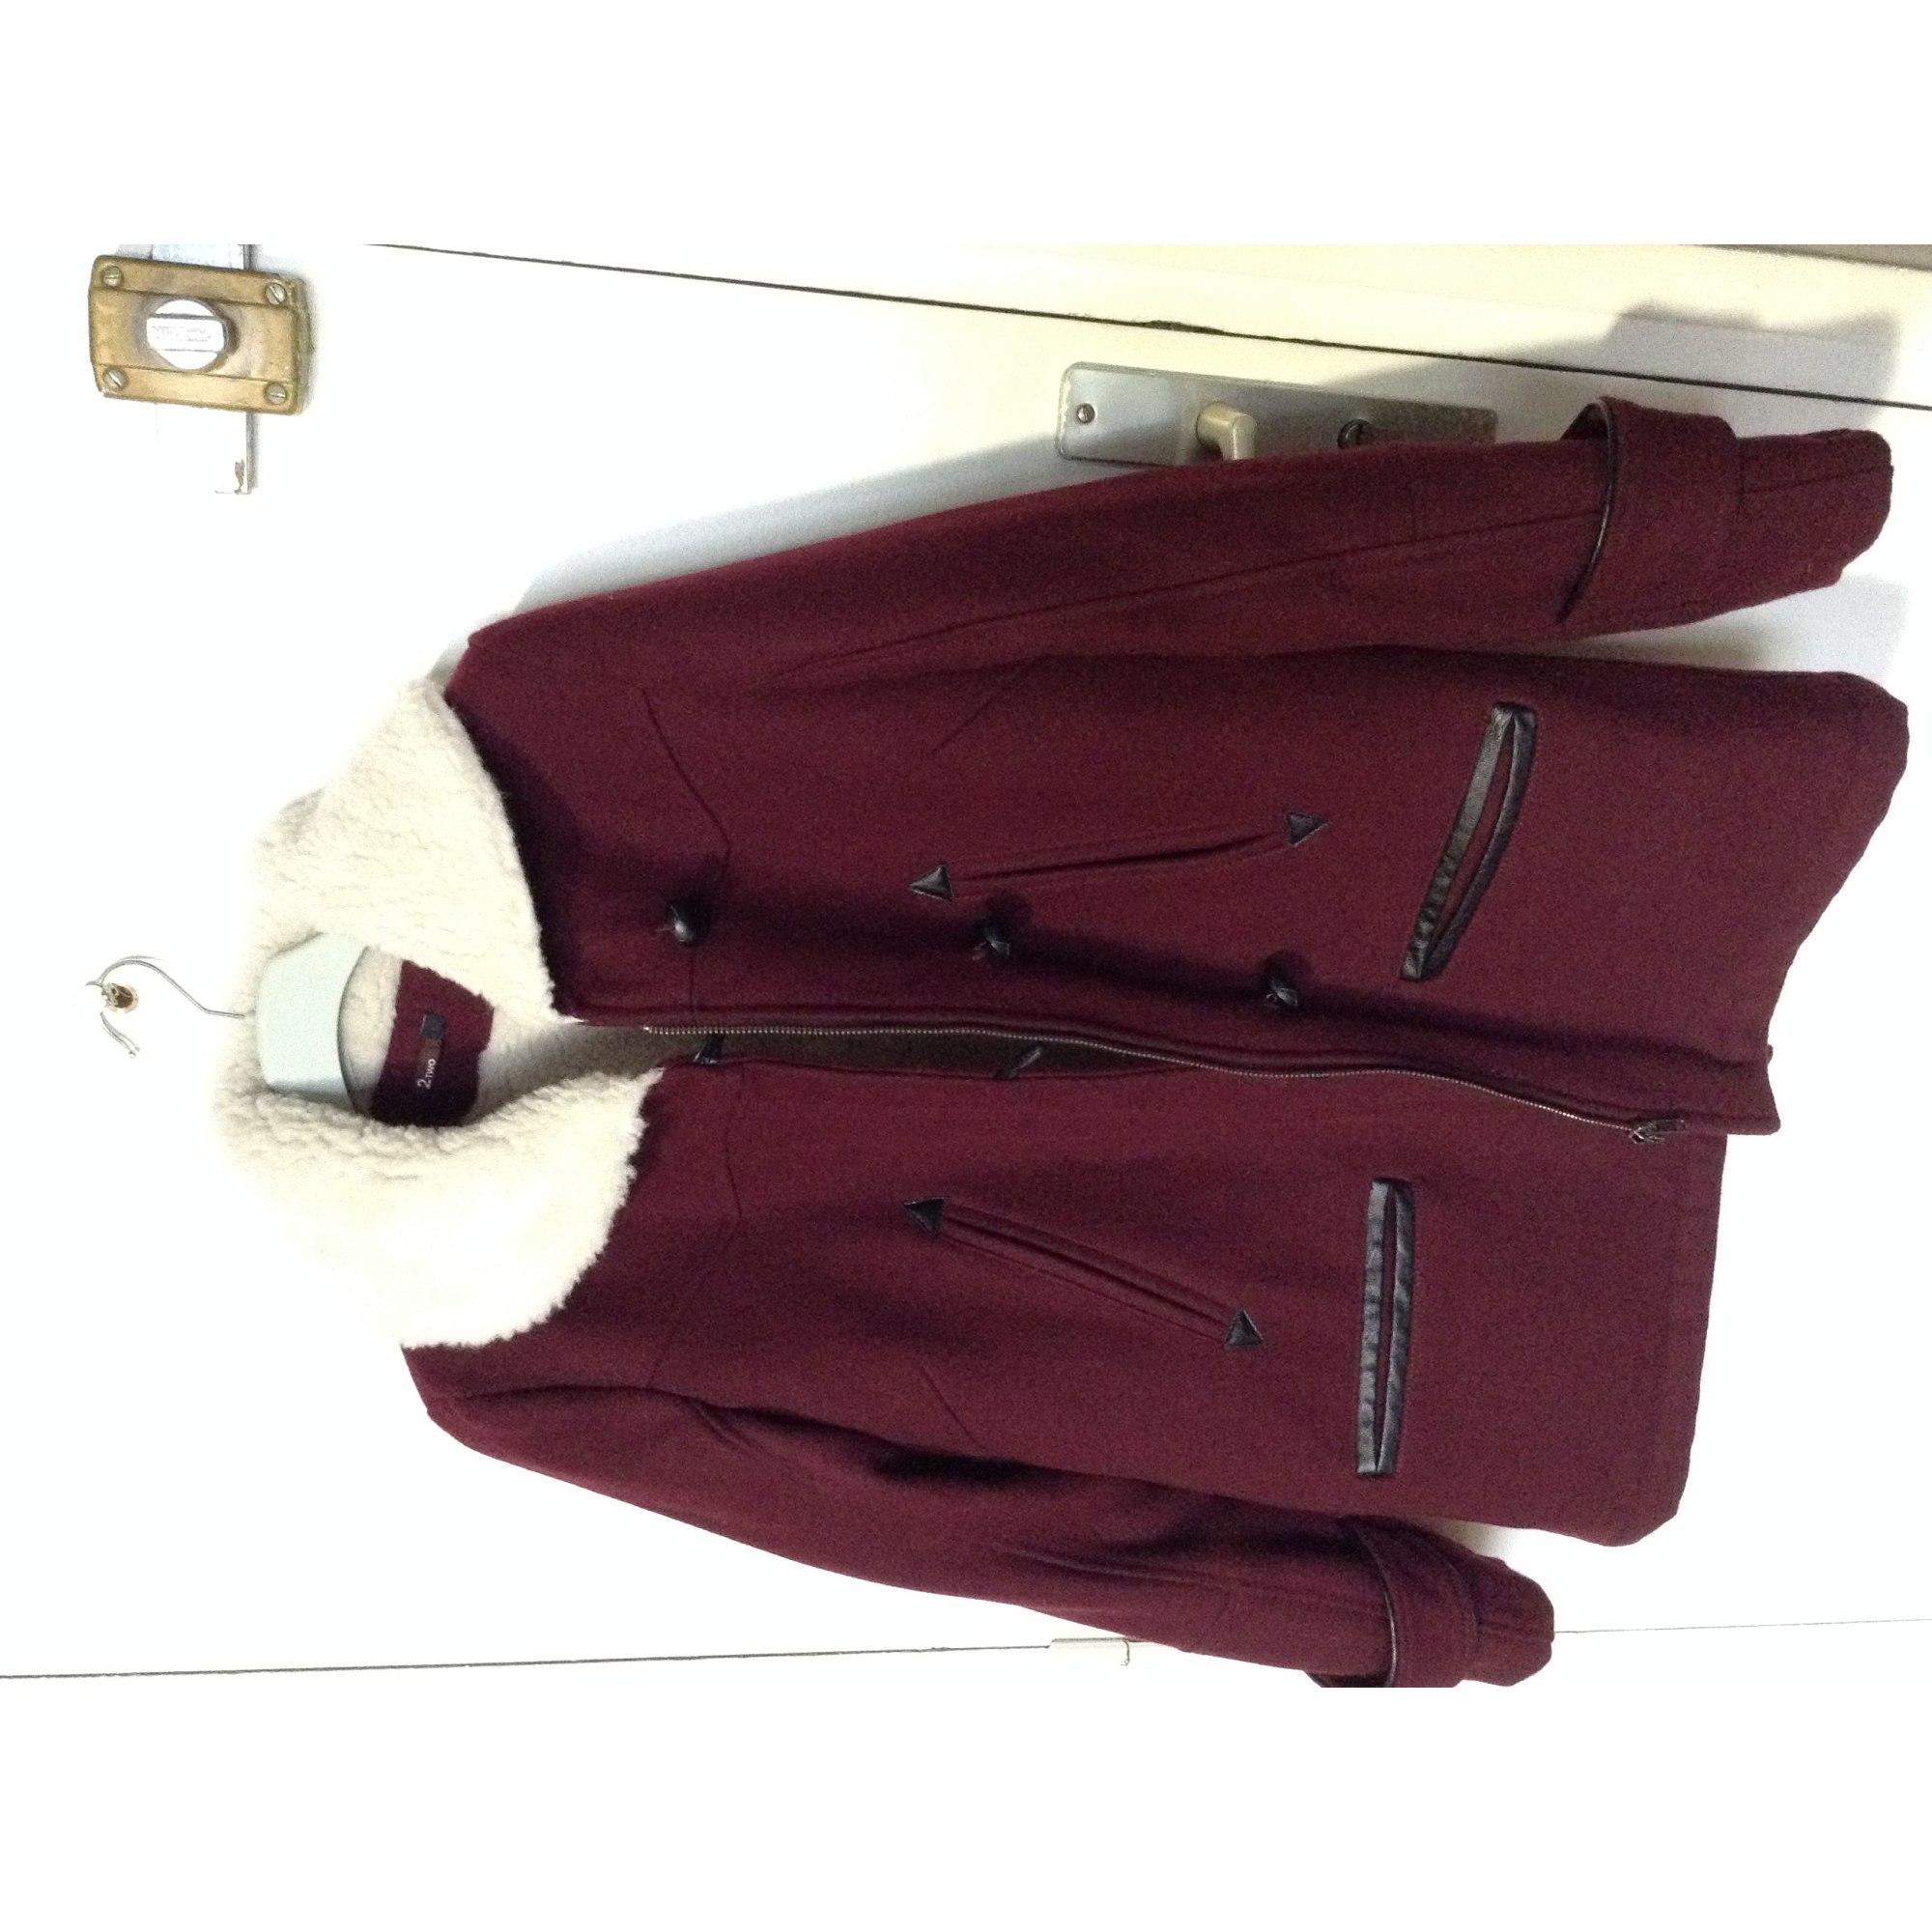 Manteau 2 TWO Rouge, bordeaux